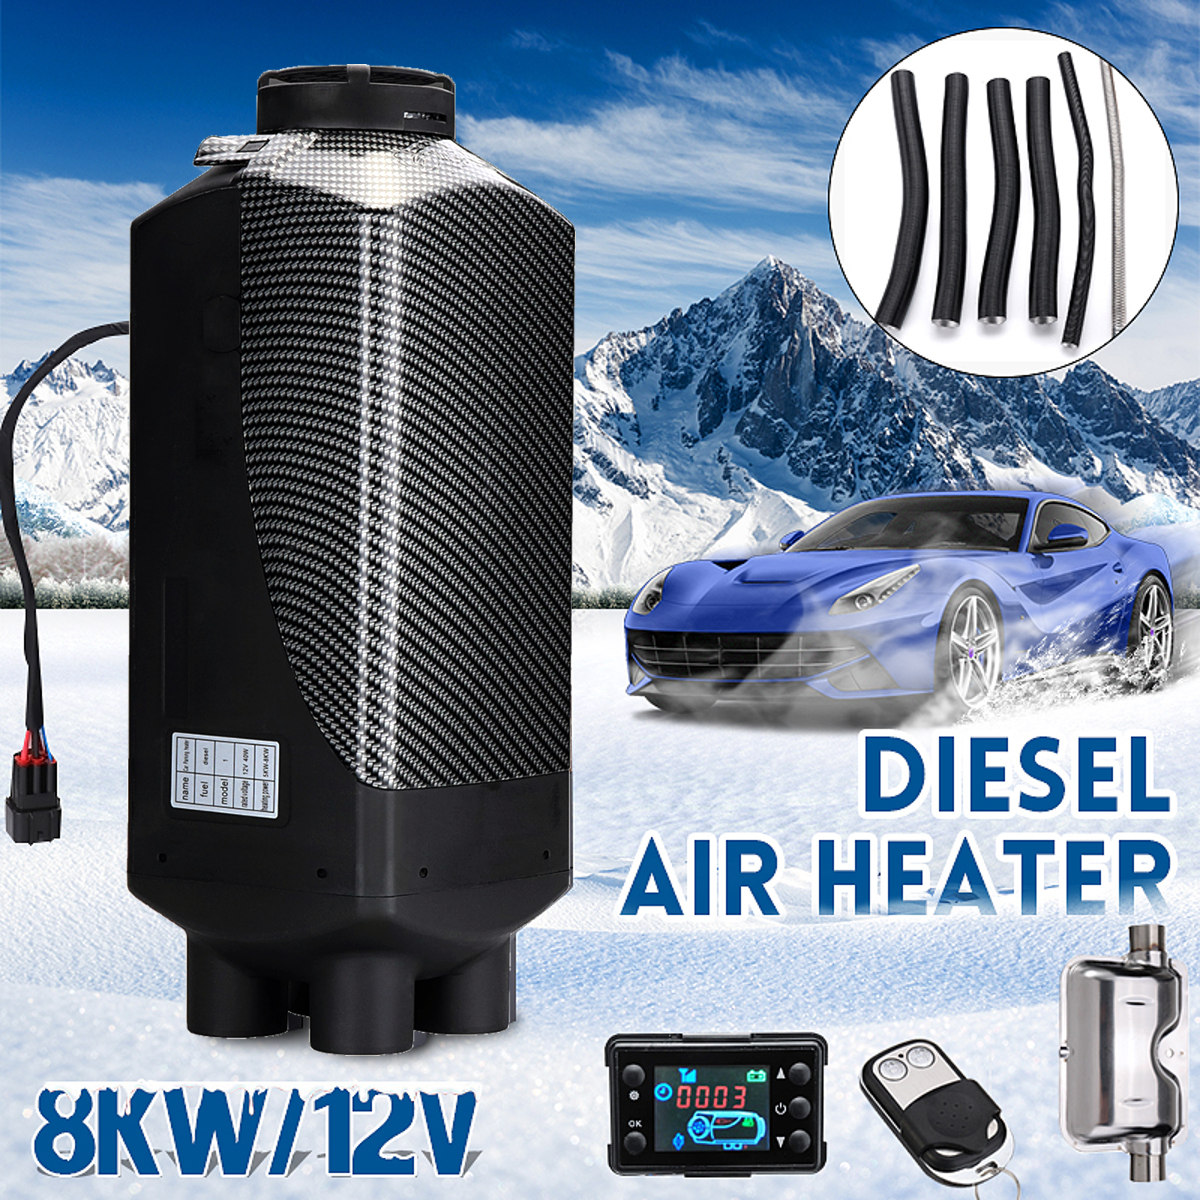 Автомобильный обогреватель 12 В 8 кВт парковочный воздух Дизели нагреватель ЖК-монитор 4 отверстия с пультом дистанционного управления + глу...